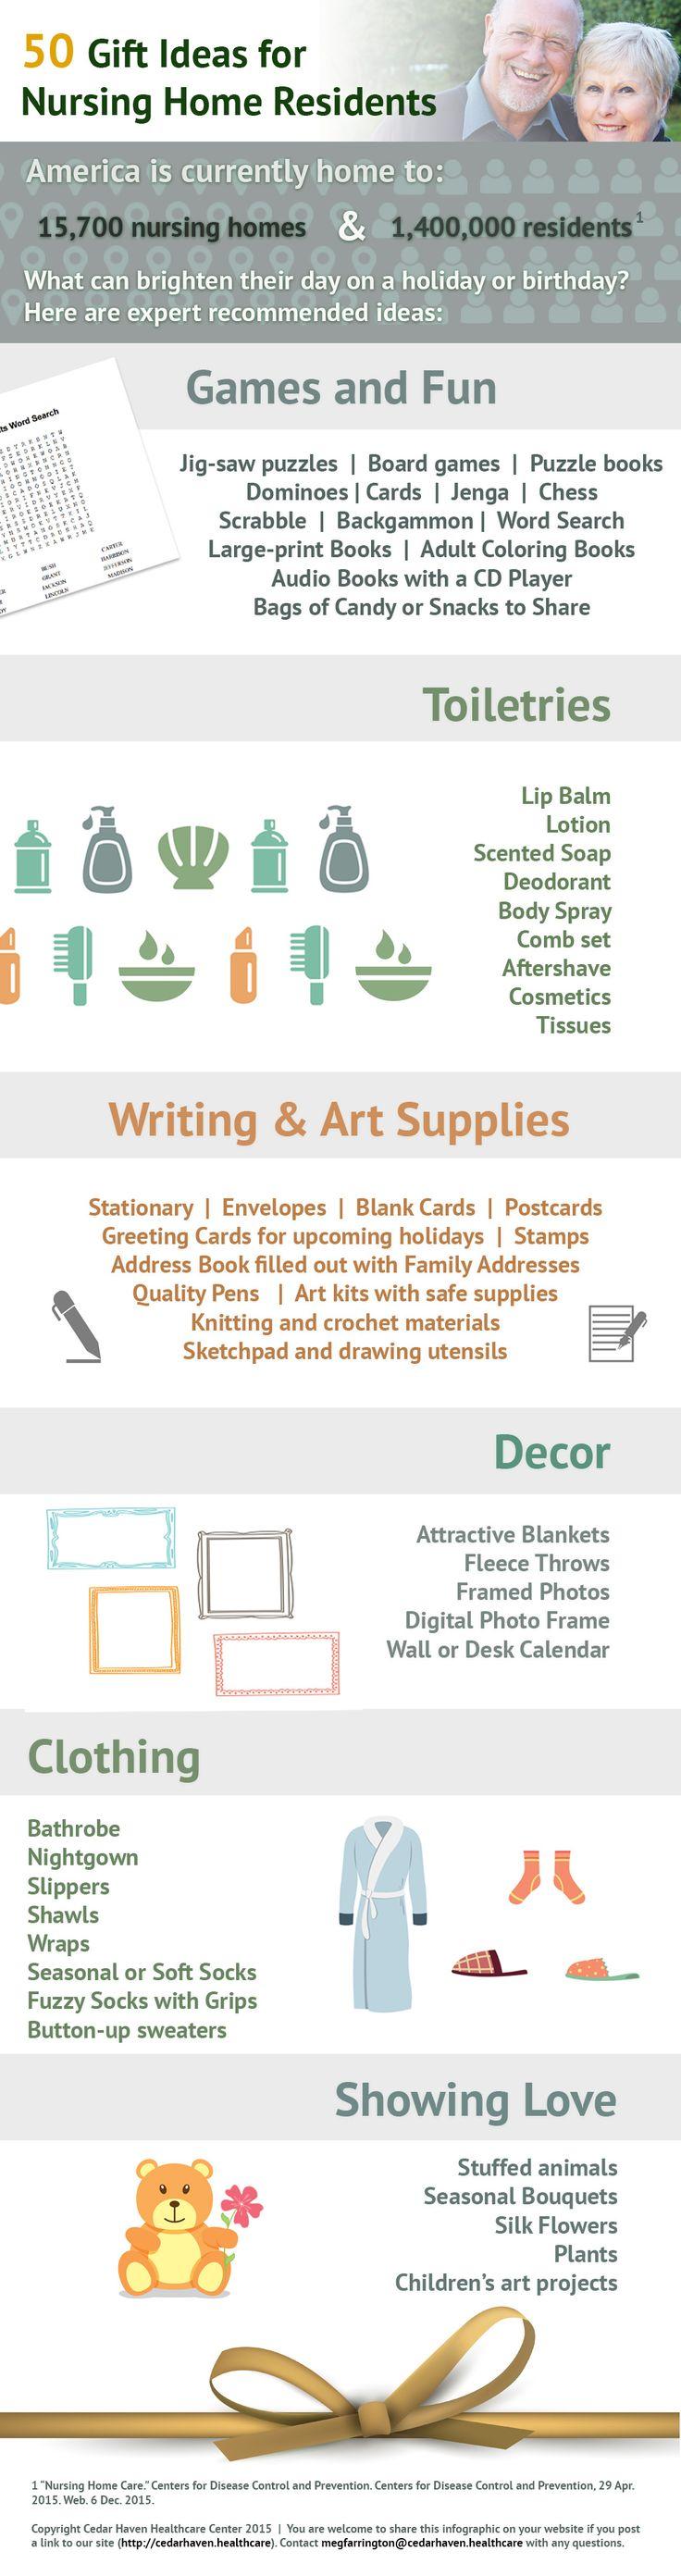 50 Gift Ideas for Nursing Home Residents